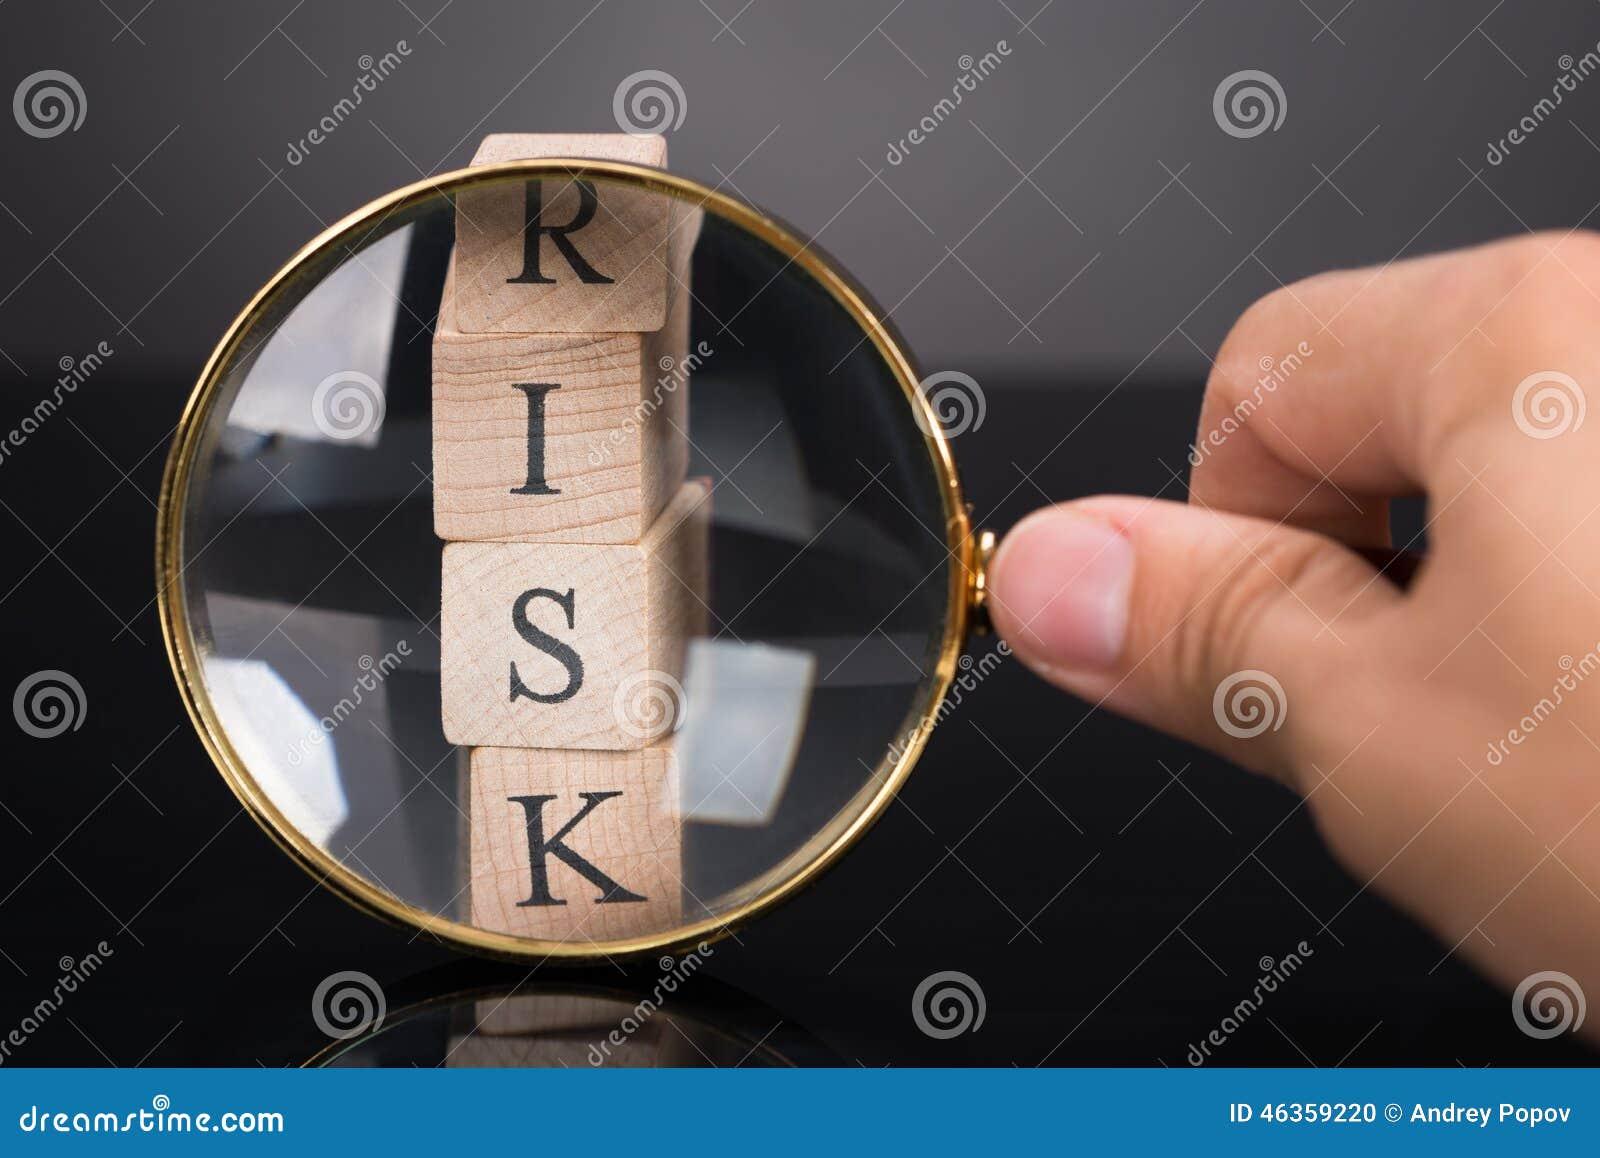 Measure risk